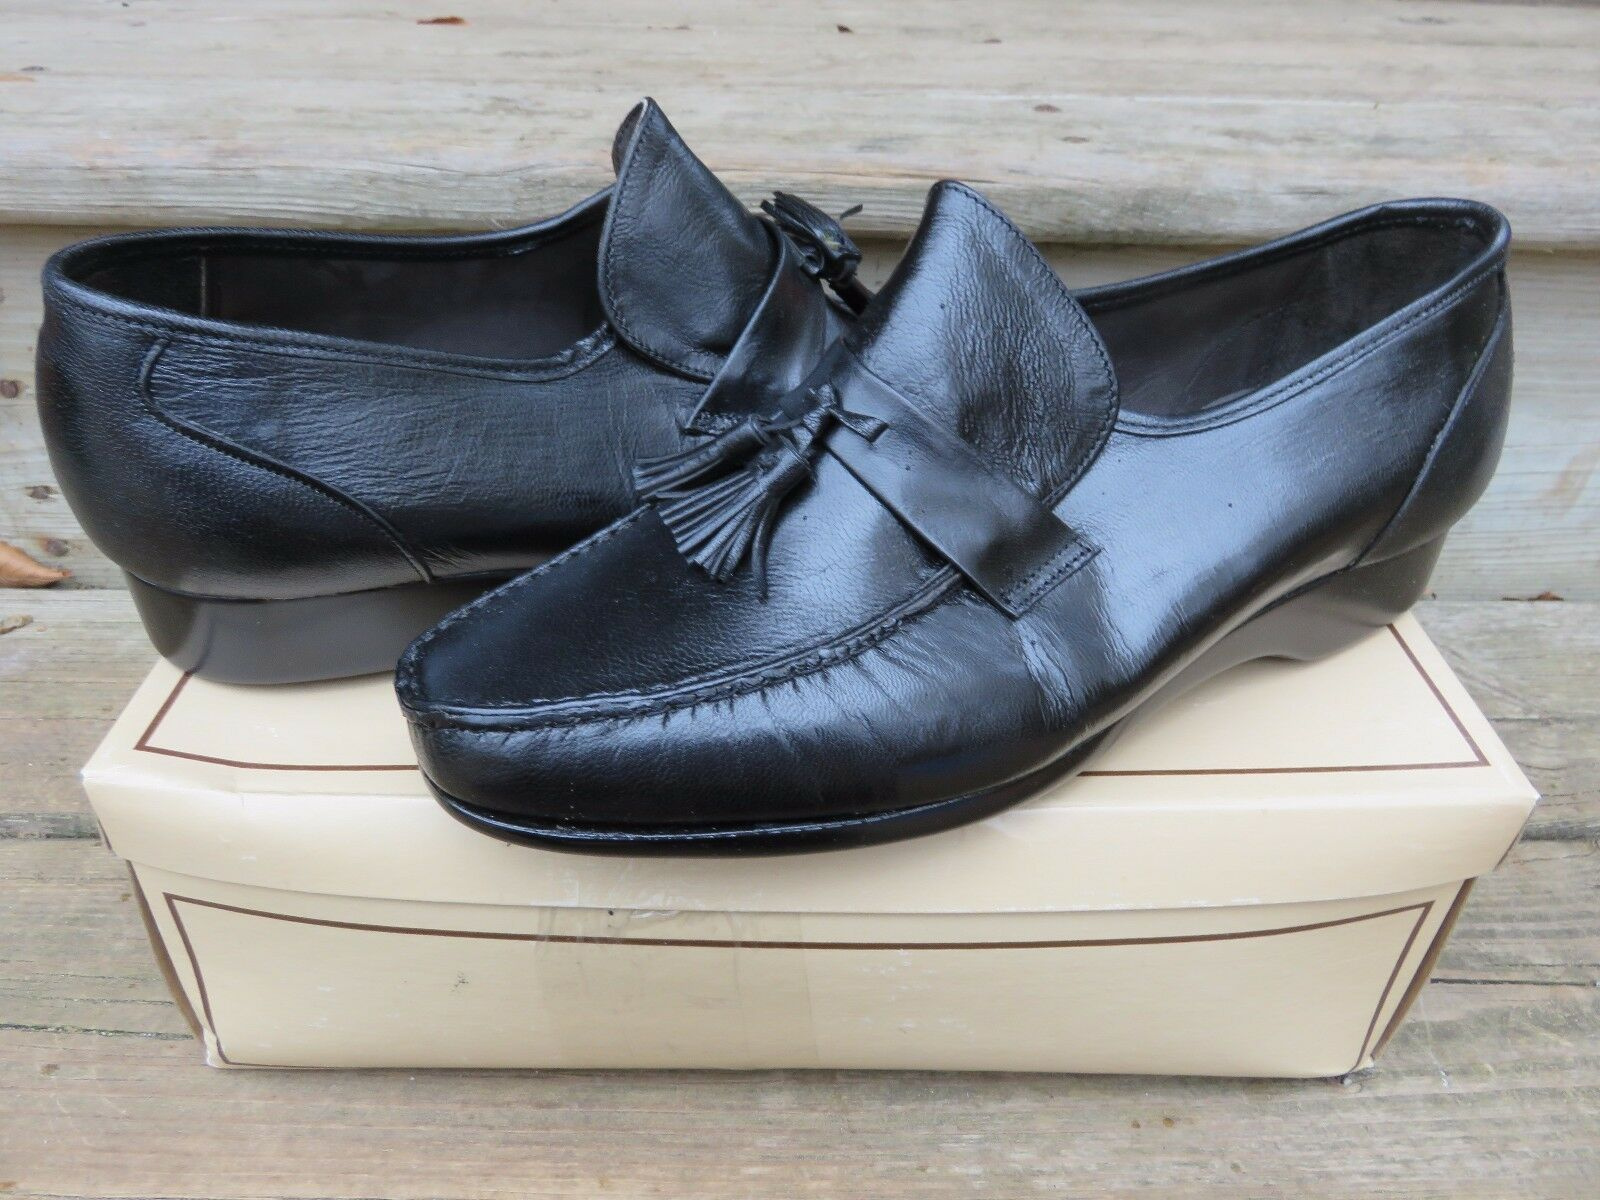 prezzi eccellenti NEW Hanover Slip-on Loafer Loafer Loafer Tassel Dress scarpe nero Dimensione 9.5 New Old Stock  con il prezzo economico per ottenere la migliore marca